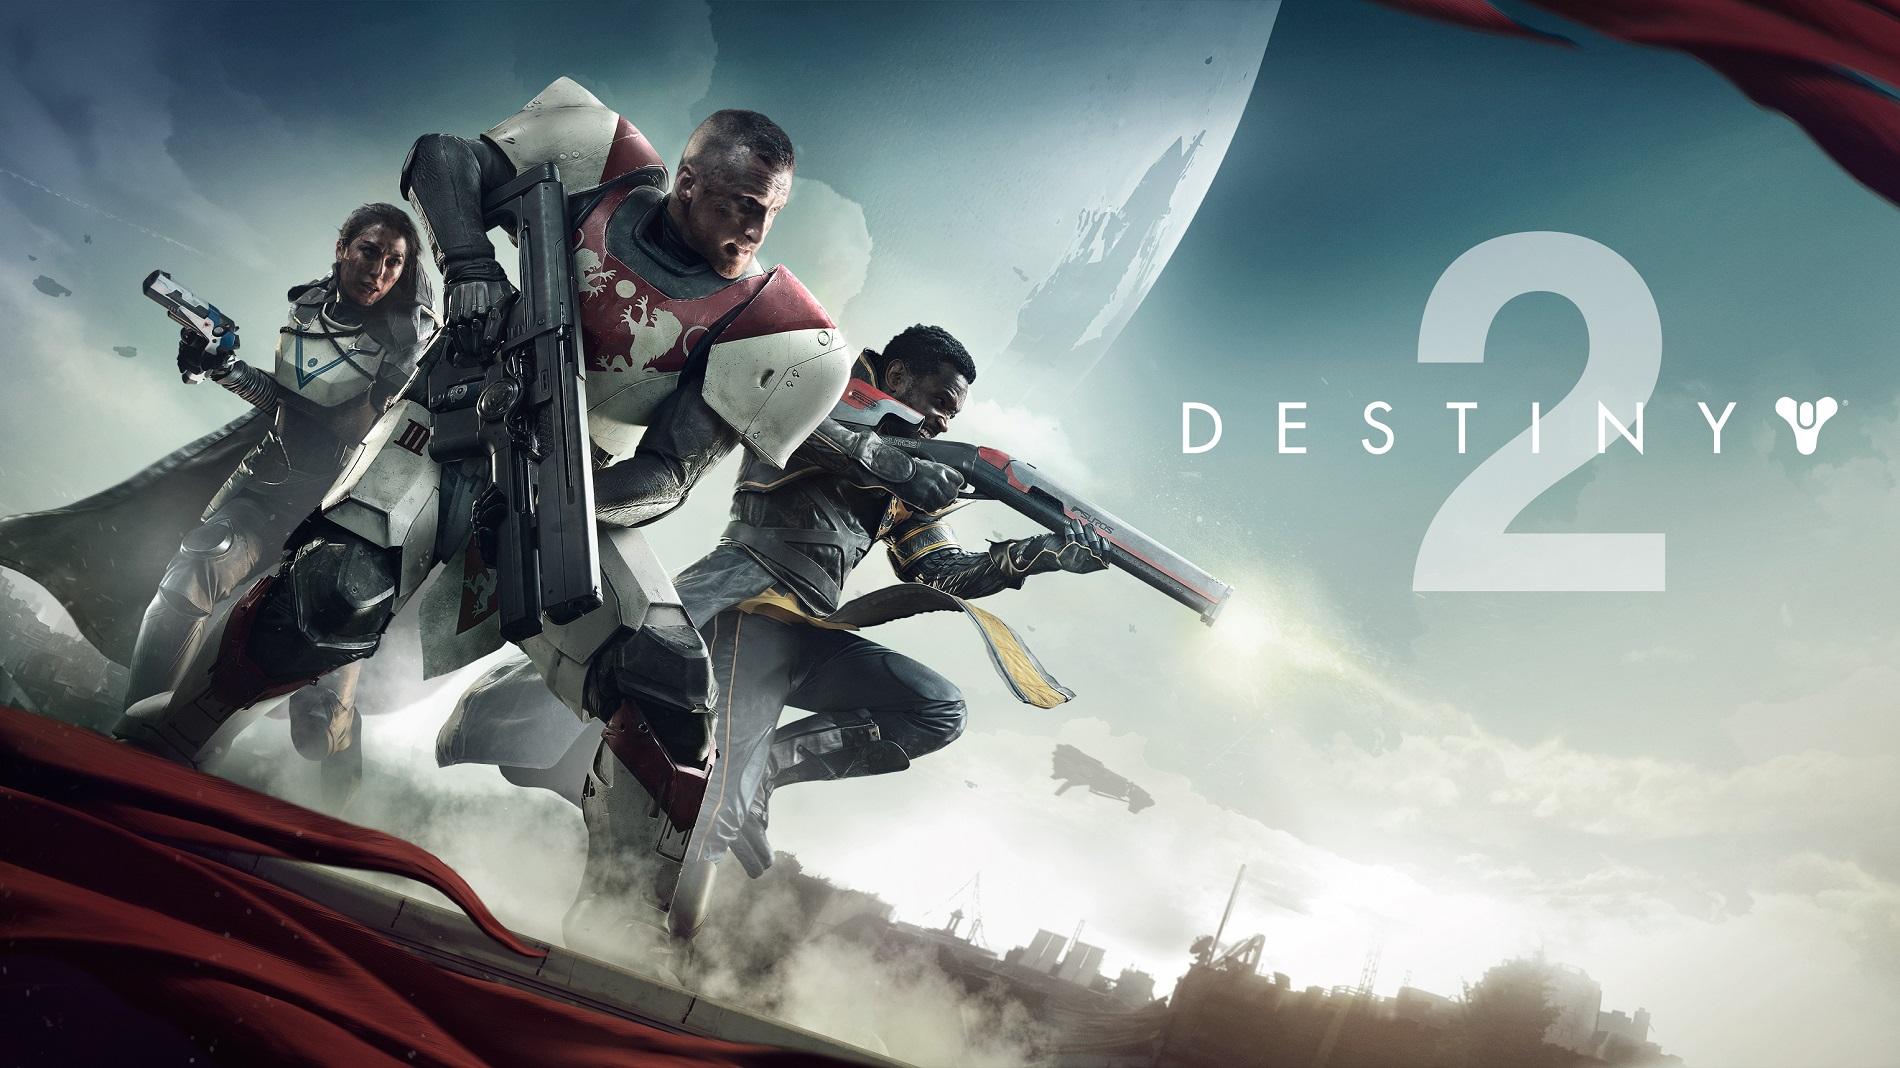 Destiny 2 for Black ops 4